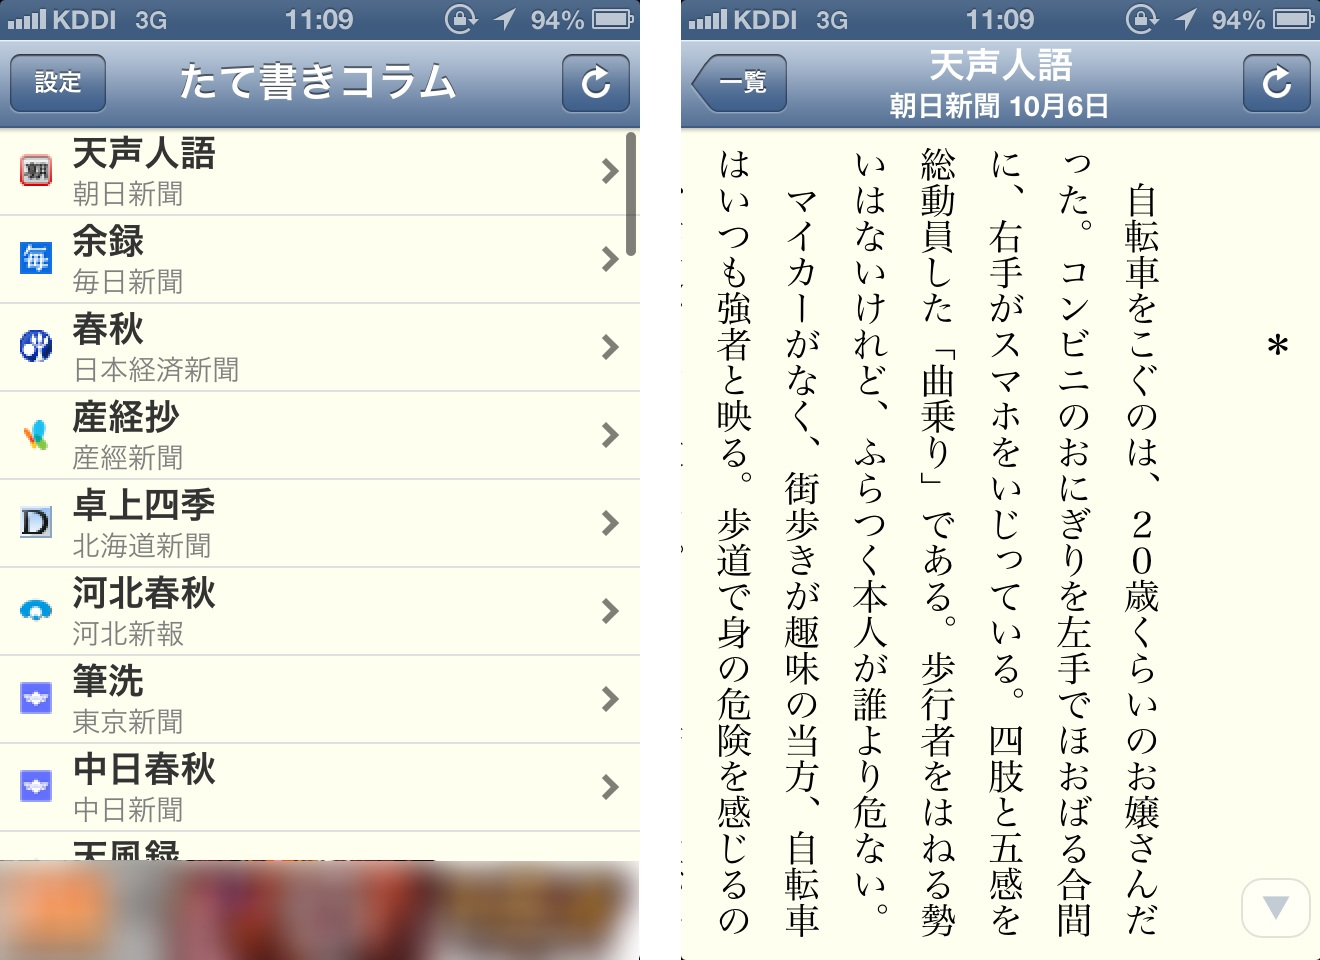 新聞 日本 春秋 経済